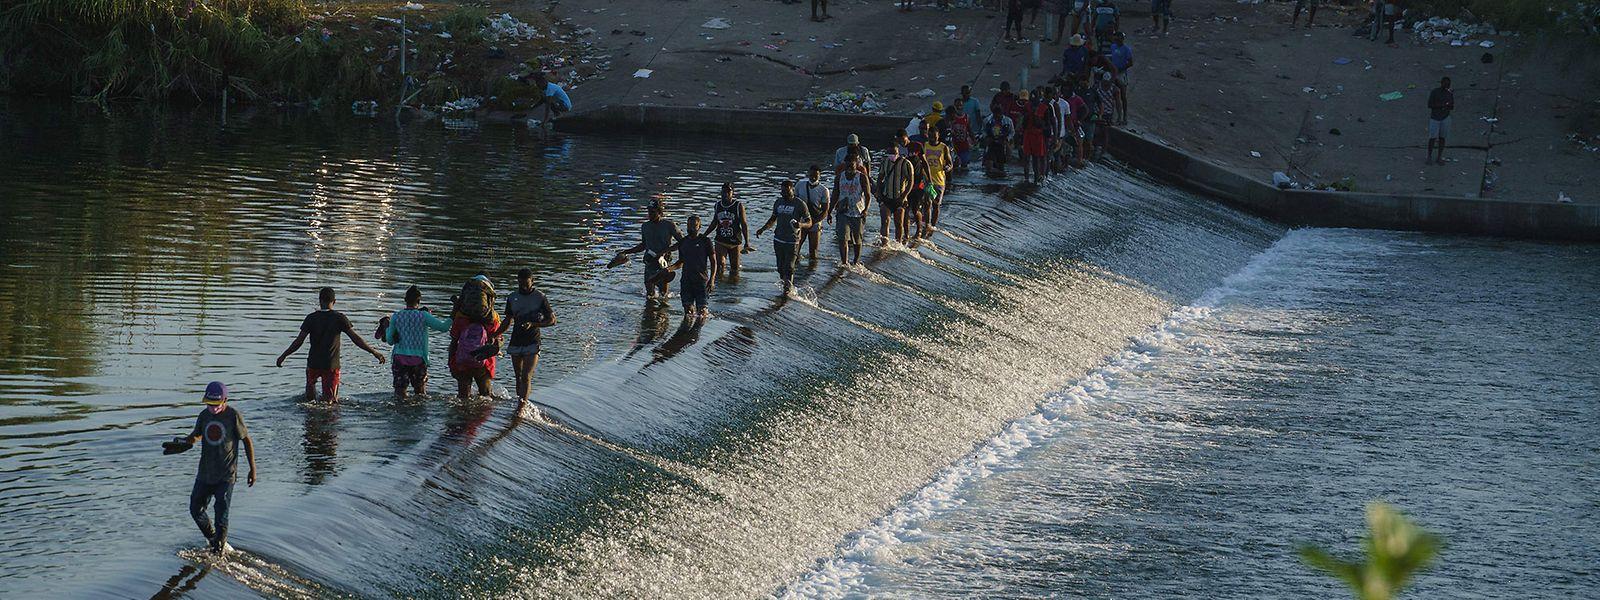 Migranten an der amerikanisch-mexikanischen Grenze bei Del Rio.